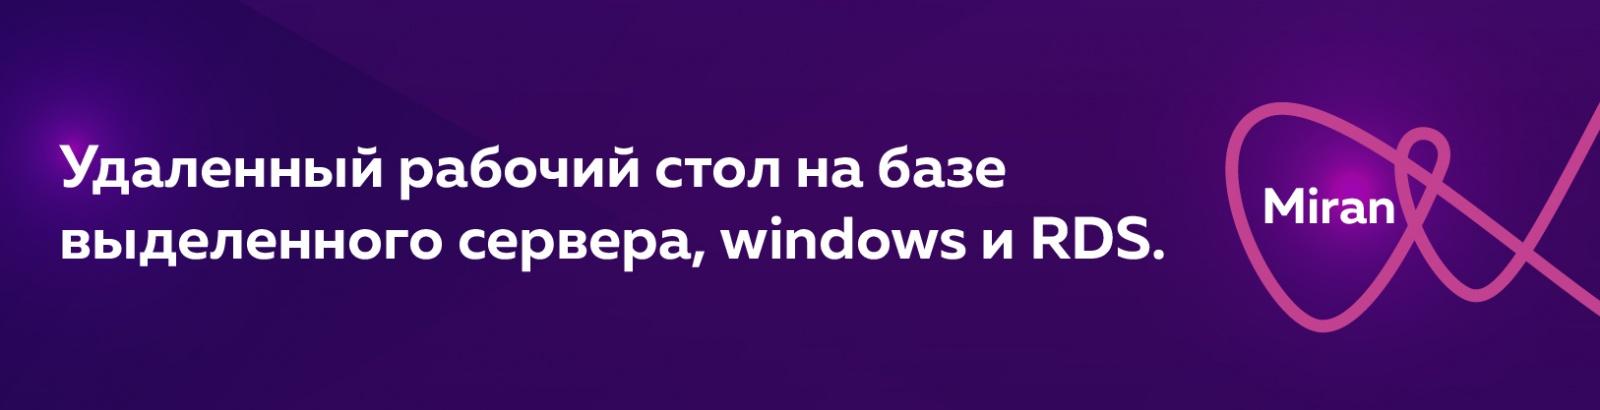 Как Microsoft убила AppGet - 2